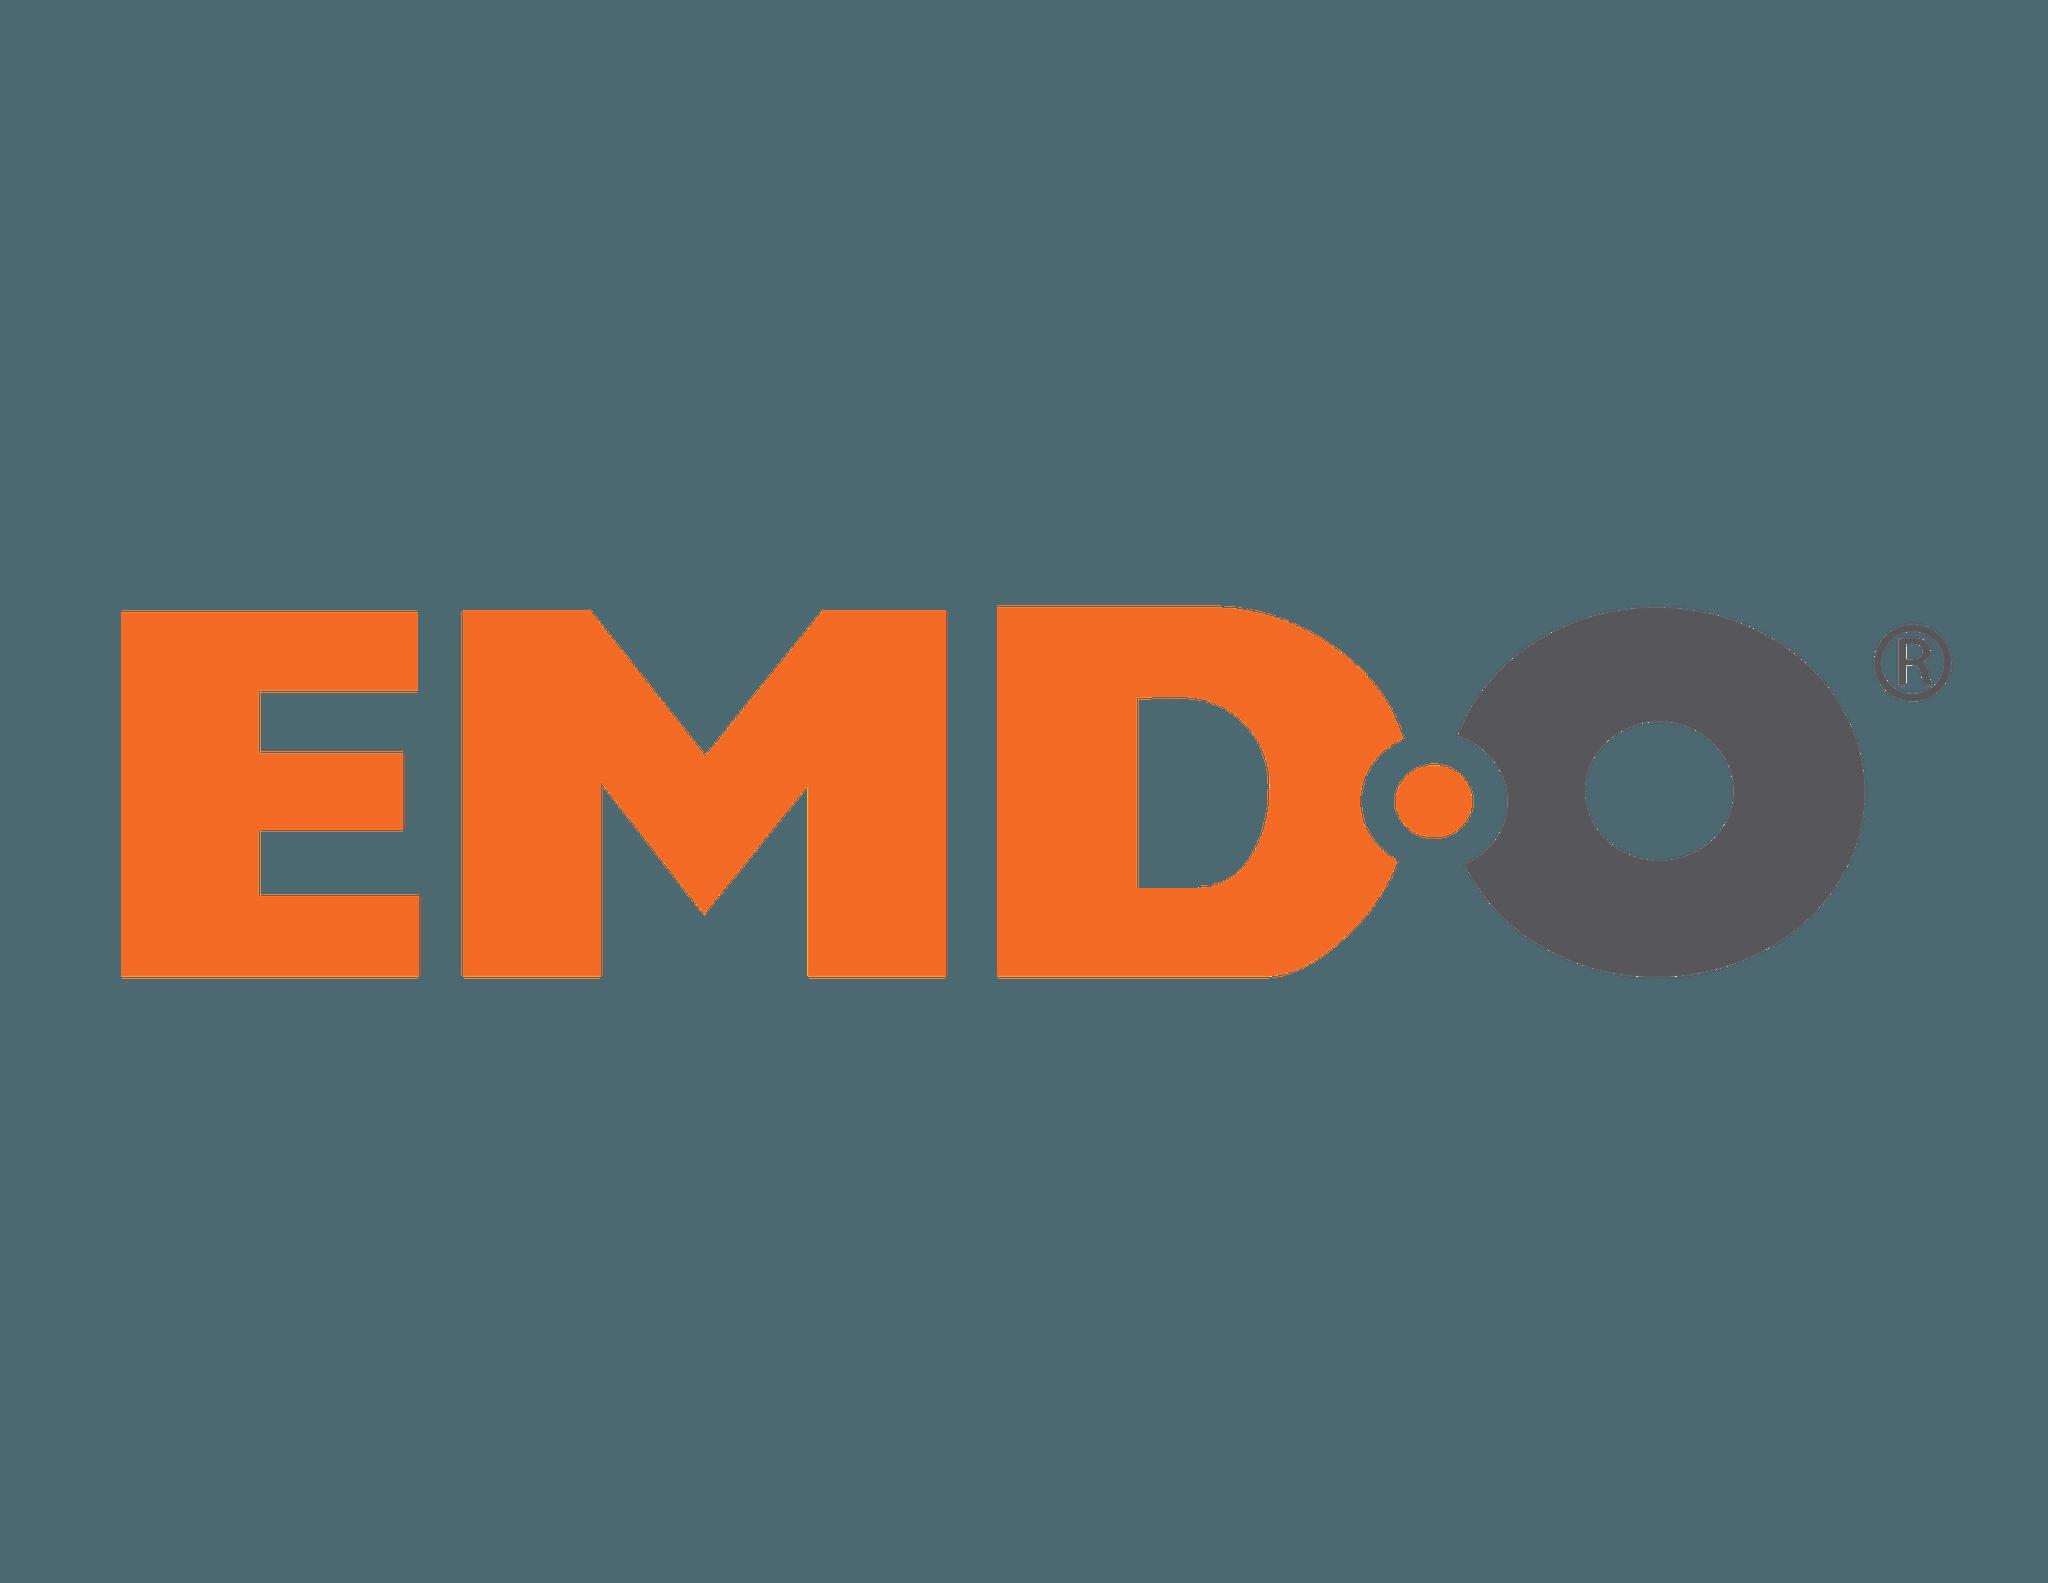 EMDO S.A. DE C.V.